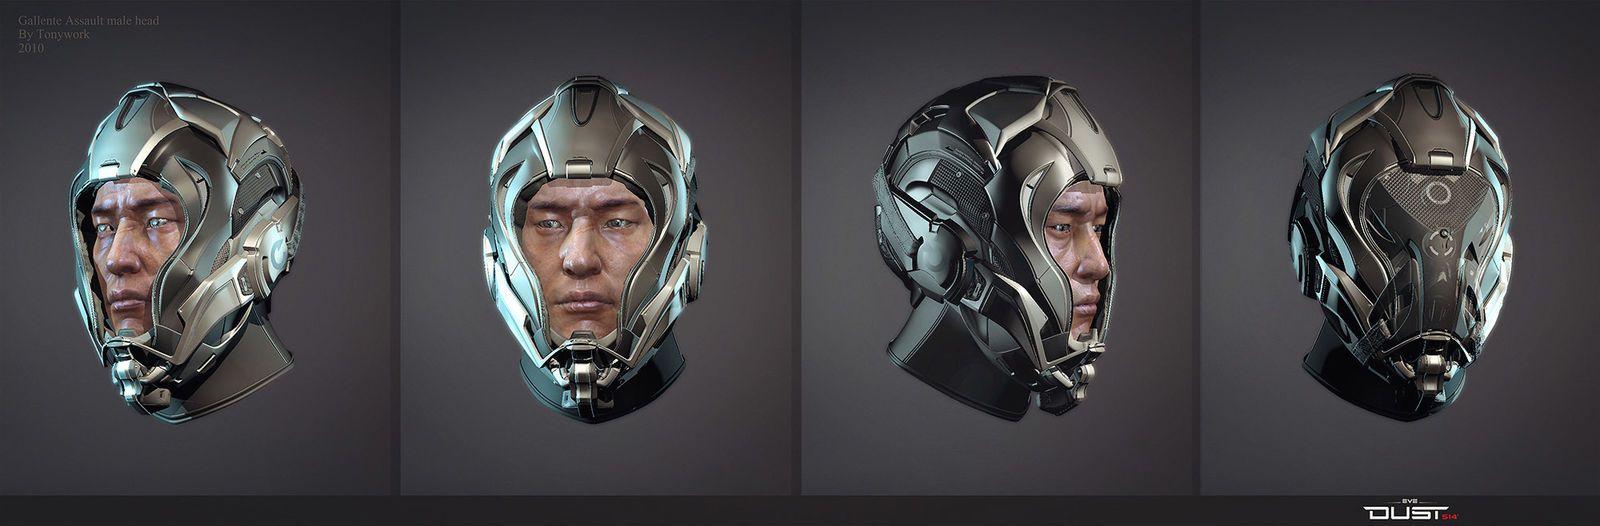 tonywork-dust-514-gallente-helmet-face-2010.jpg (1600×526)